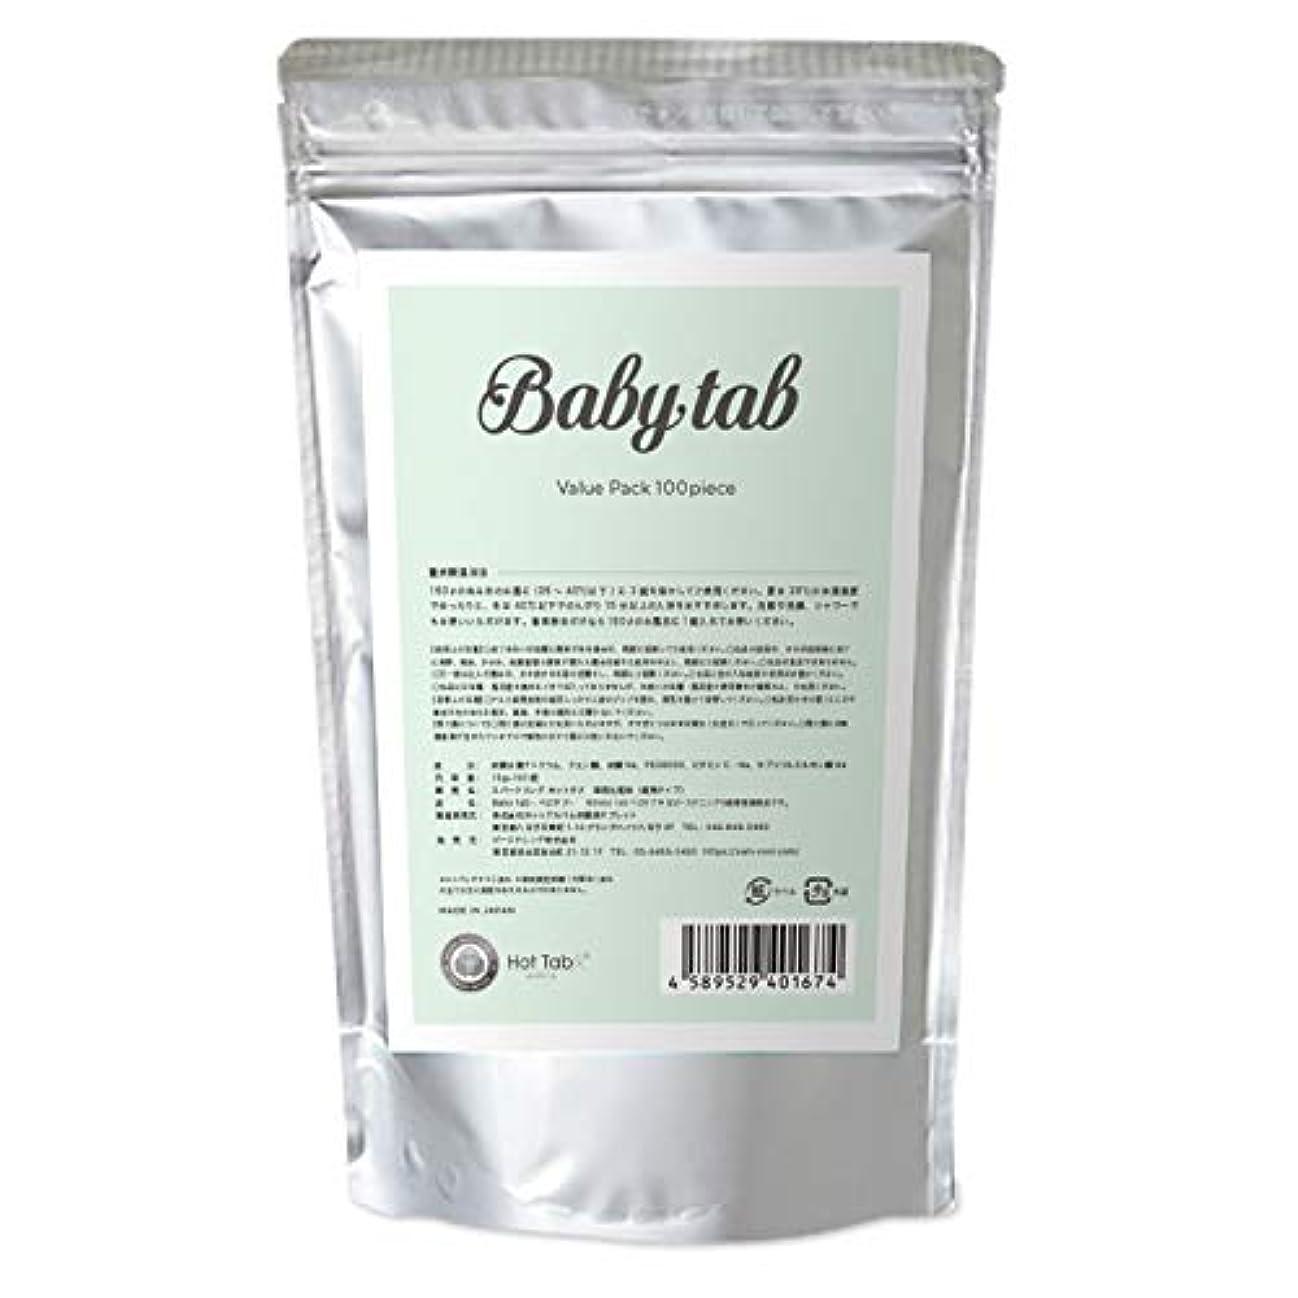 ローブ養う知覚ベビタブ【Babytab】重炭酸 中性 入浴剤 沐浴剤 100錠入り(無添加 無香料 保湿 乾燥肌 オーガニック 塩素除去)赤ちゃんから使える